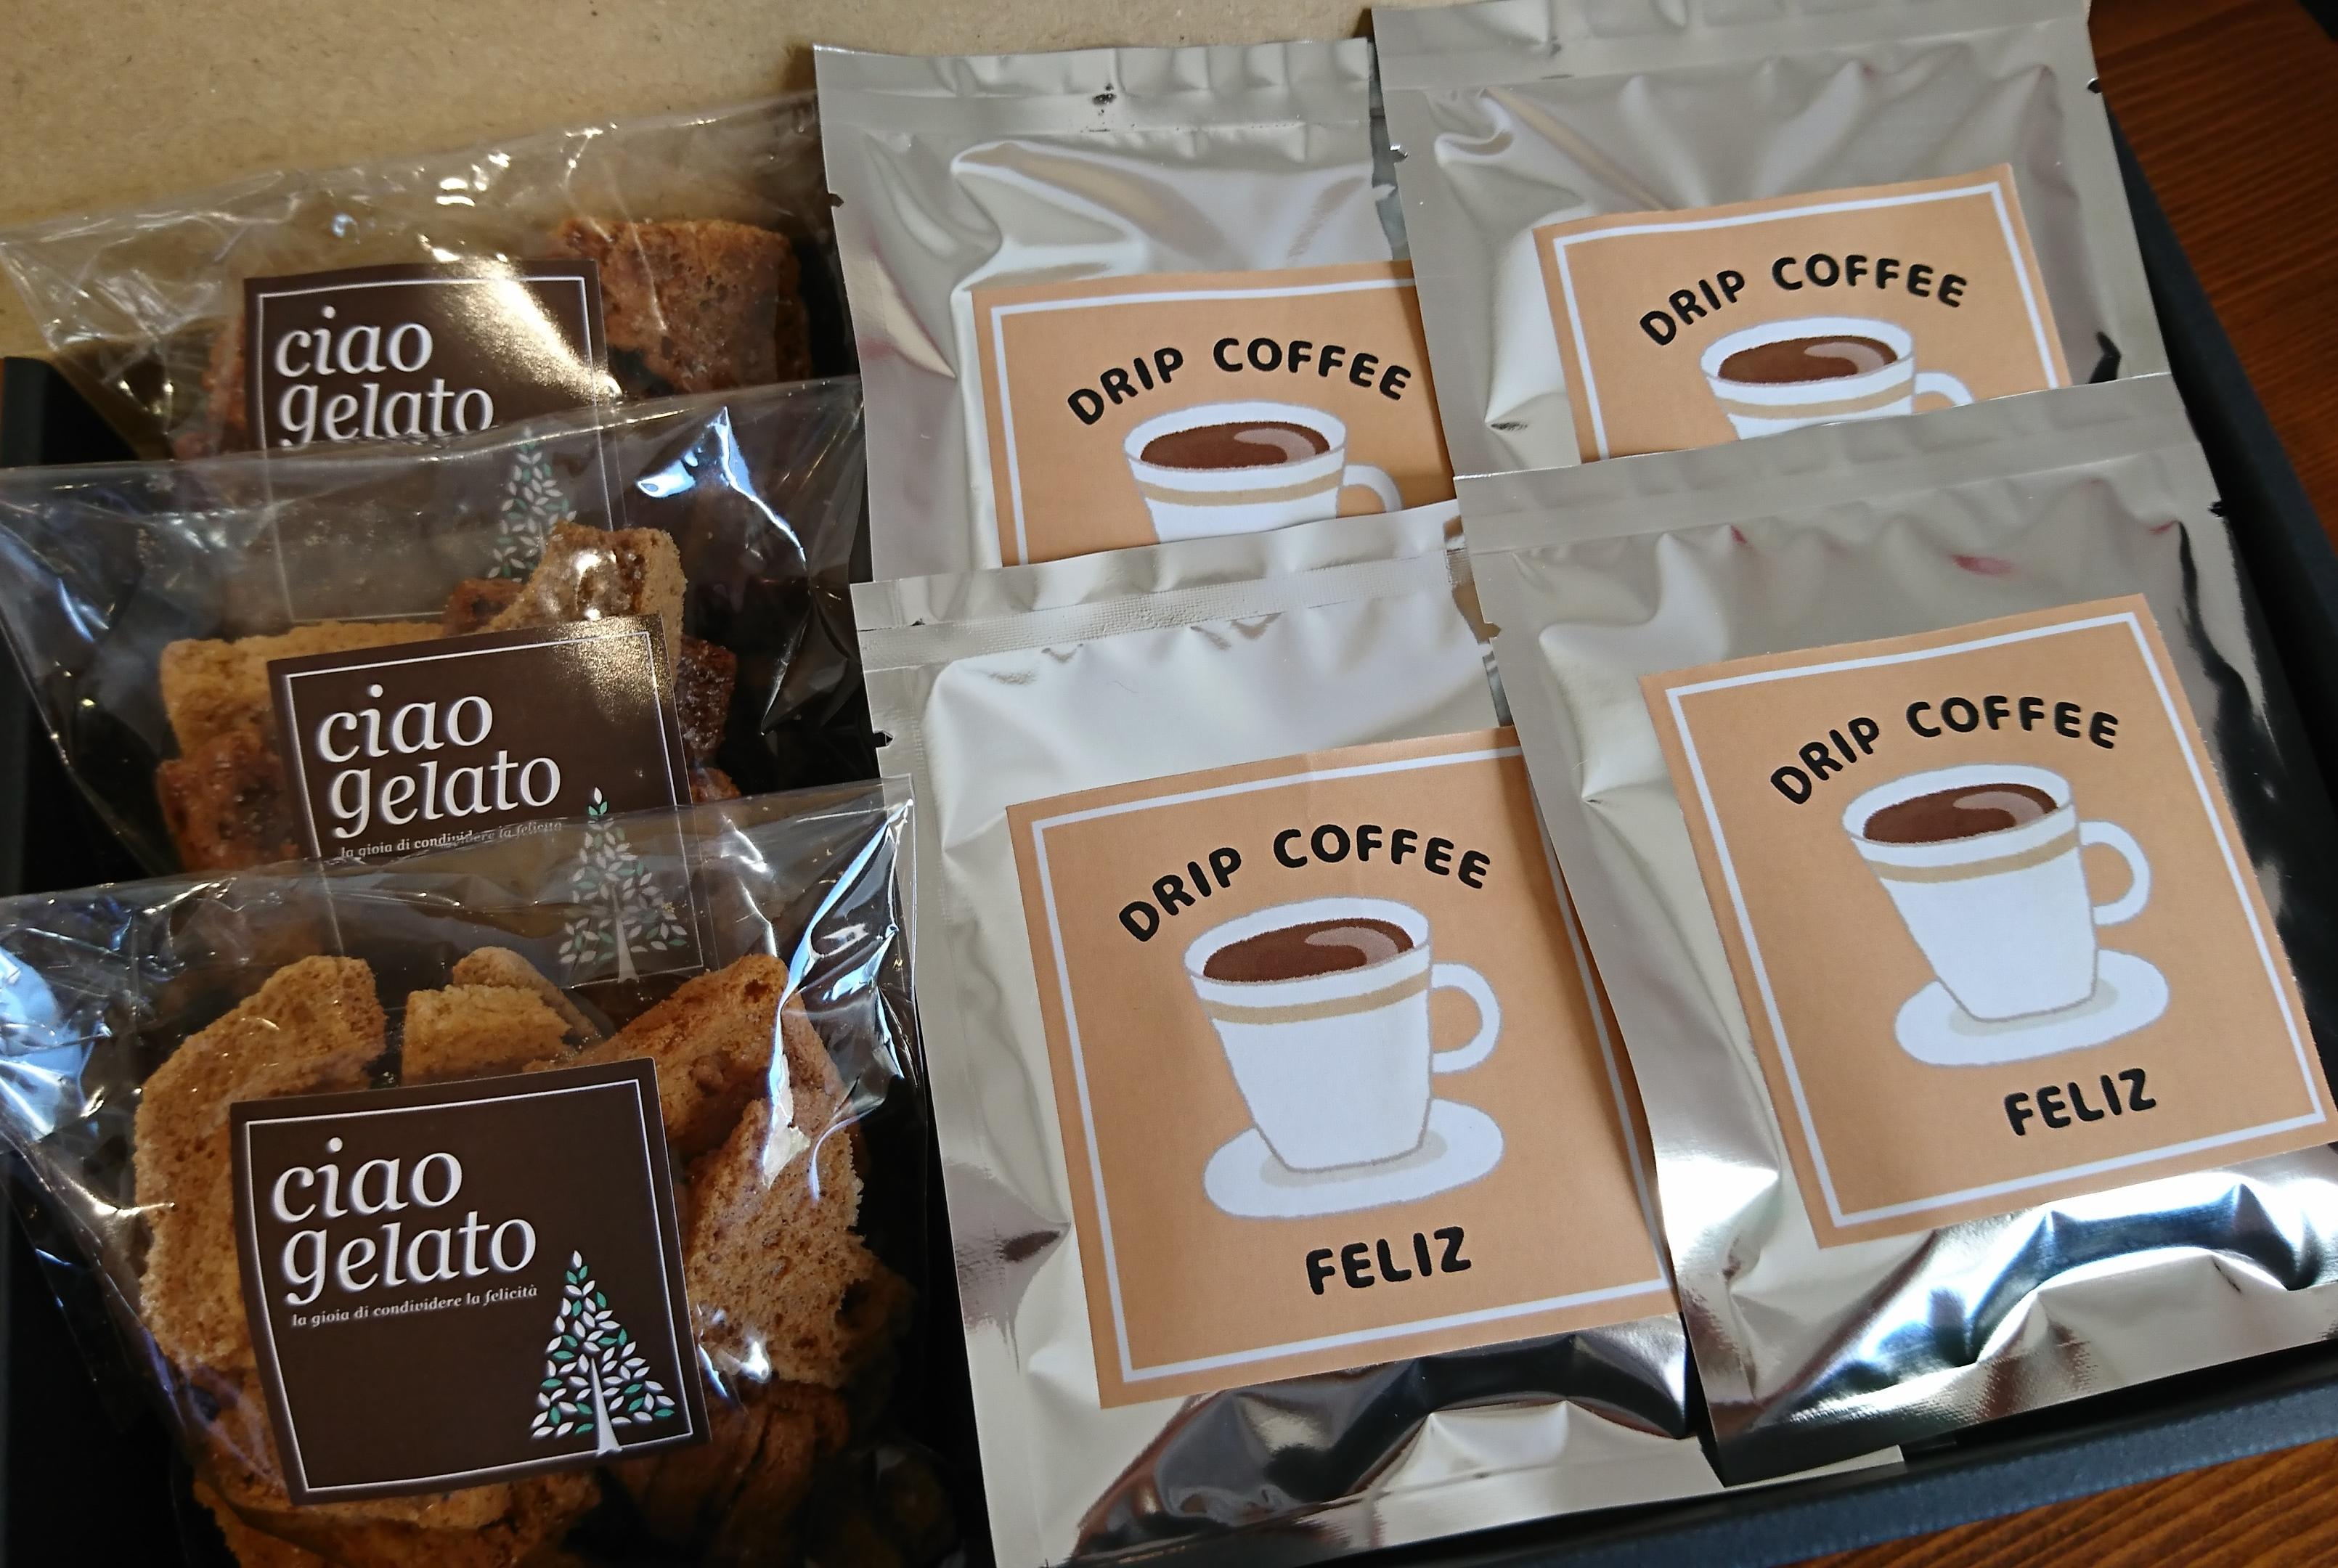 ドリップコーヒー&手作りシフォンラスクセット 寄付金額7,000円(鳥取県鳥取市)